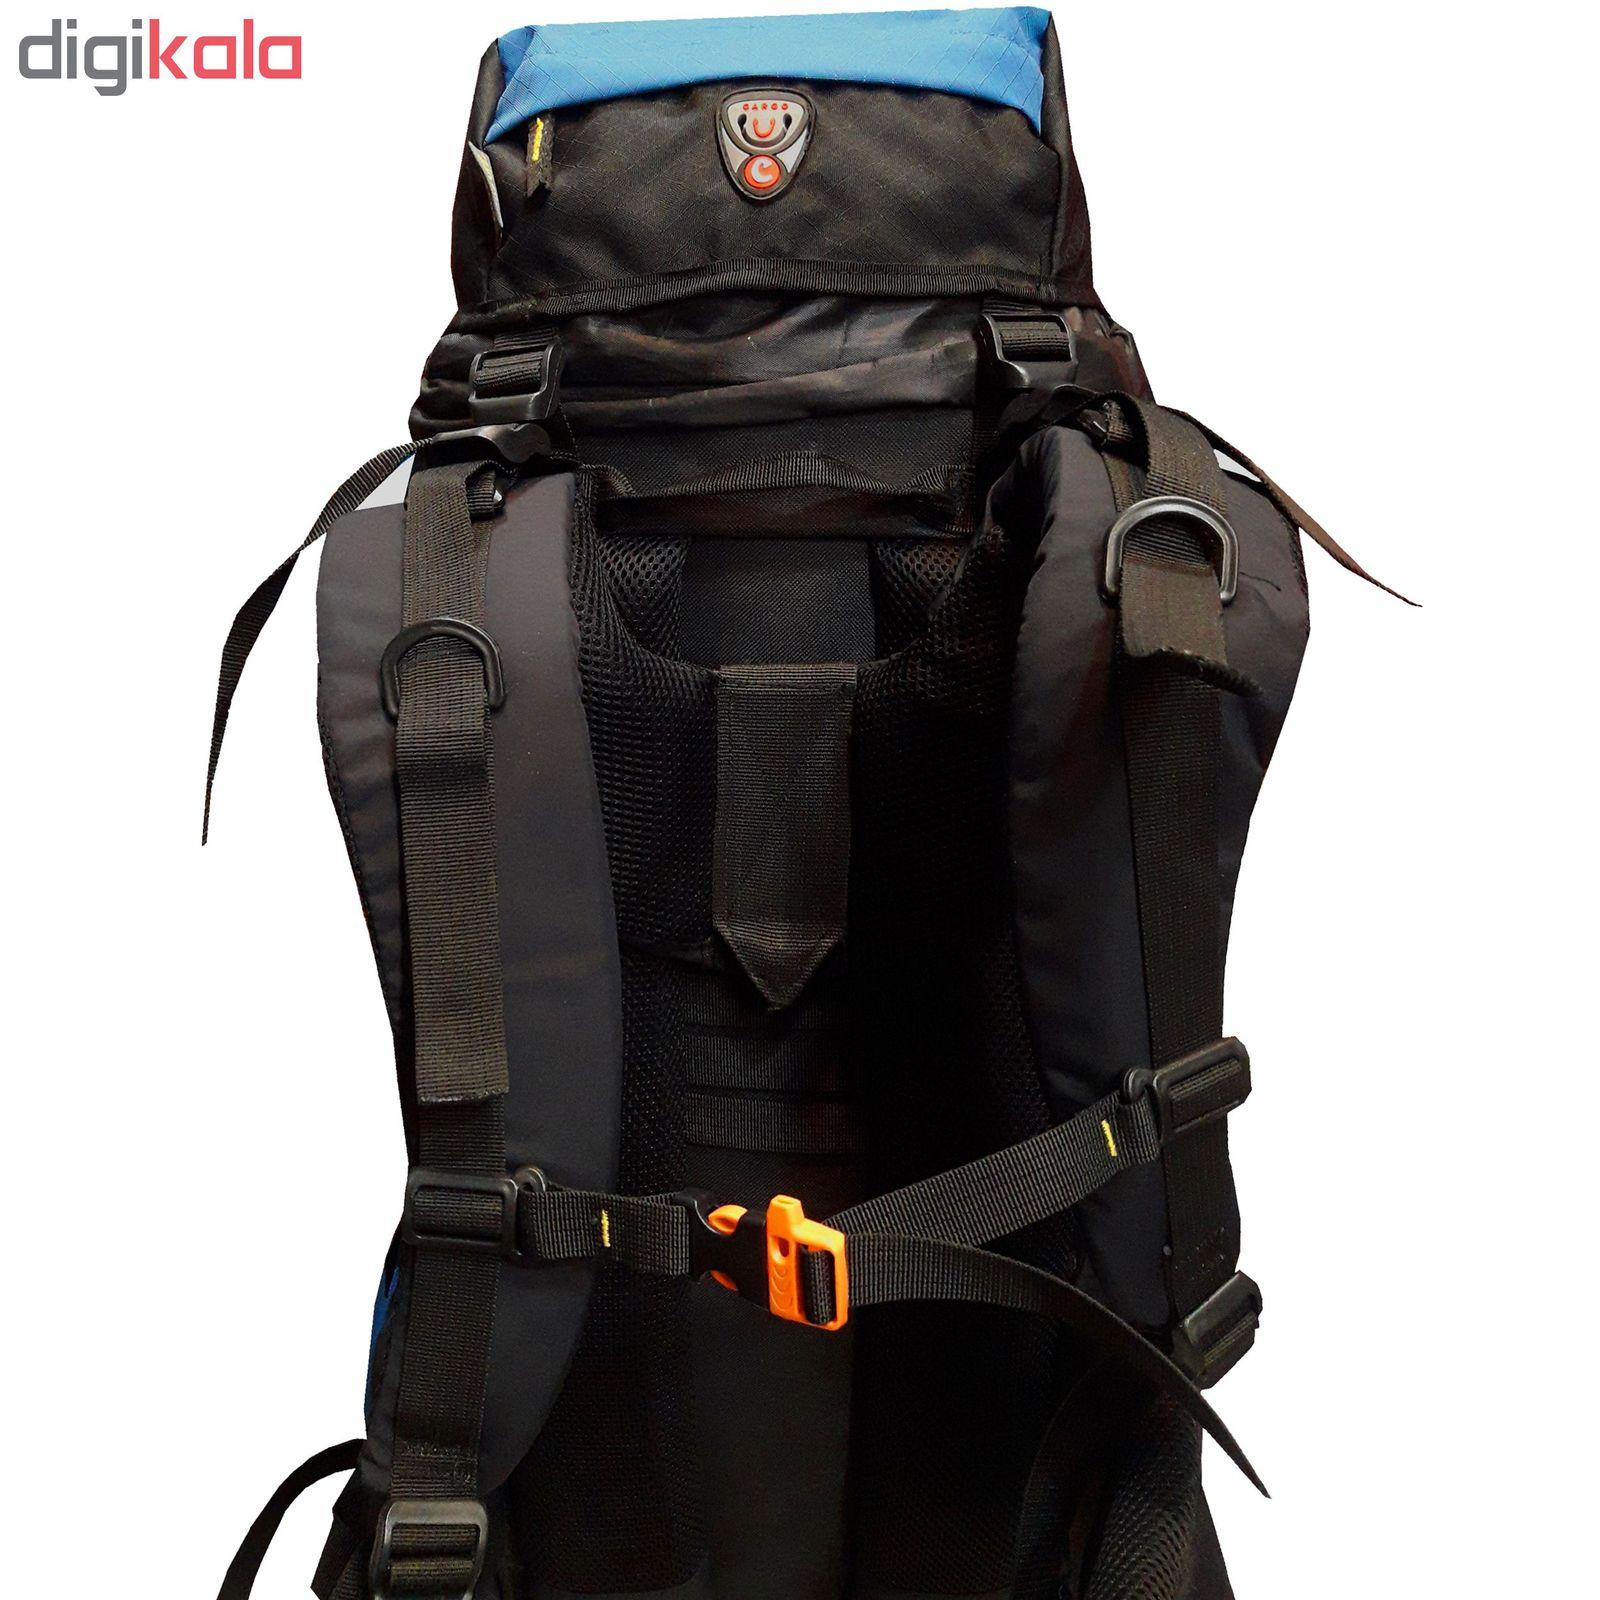 کوله پشتی کوهنوردی 80 لیتری مدل D650 main 1 13